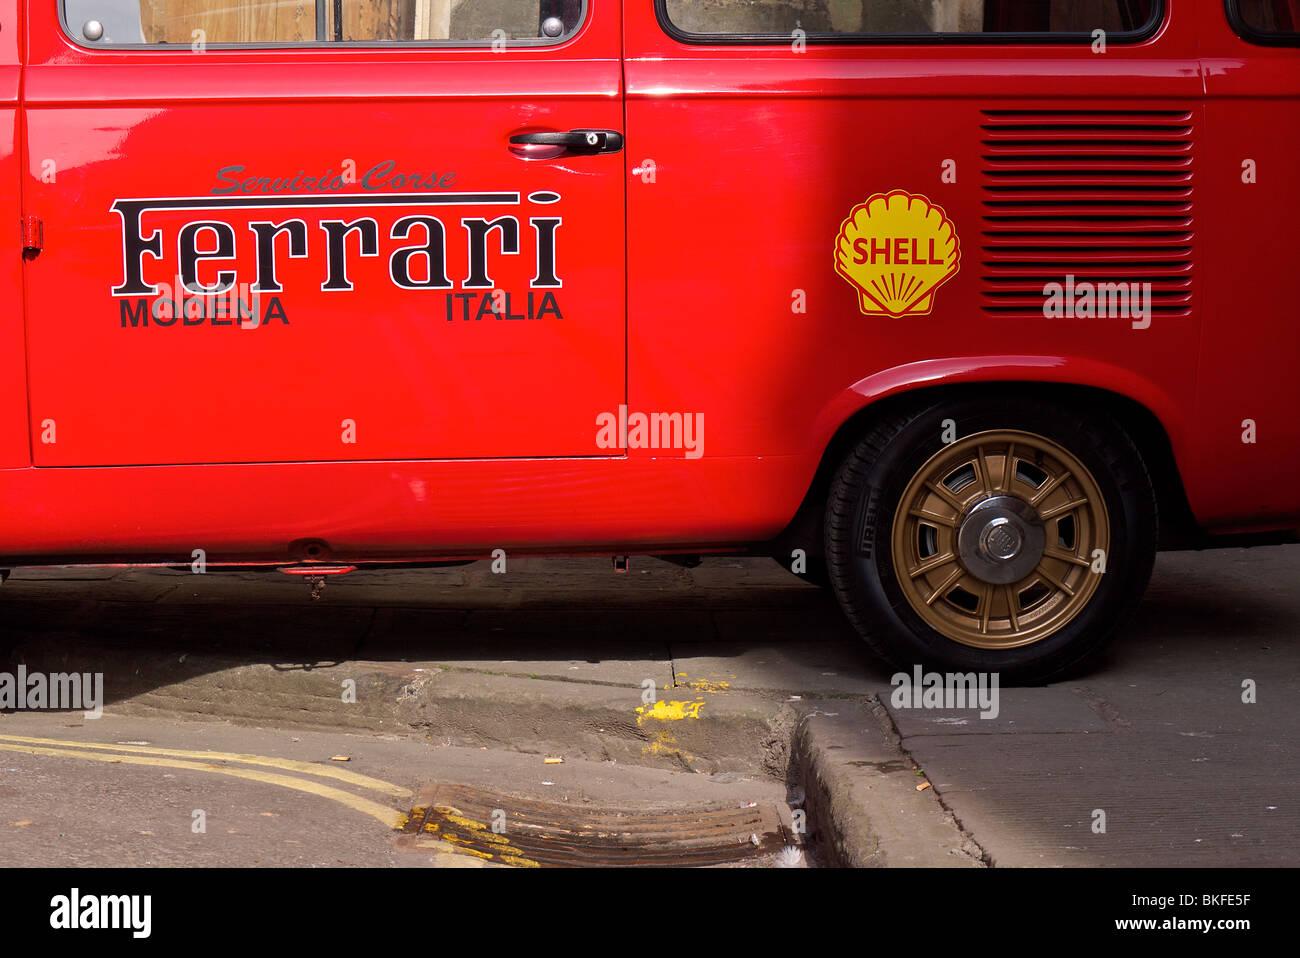 Ancien Véhicule de soutien Ferrari Photo Stock